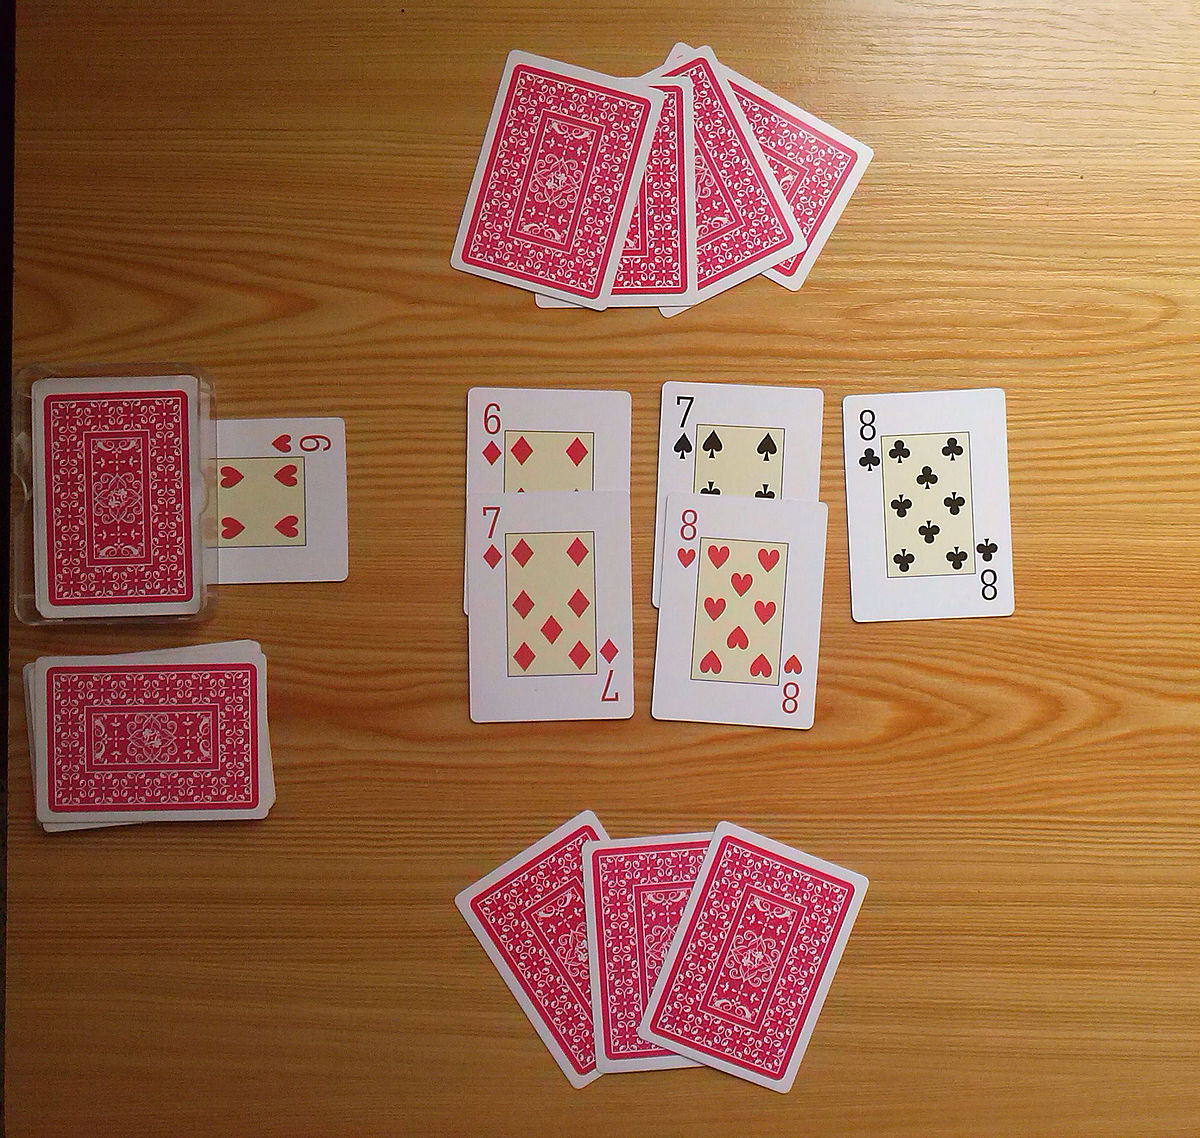 Juego a tres - 2 1